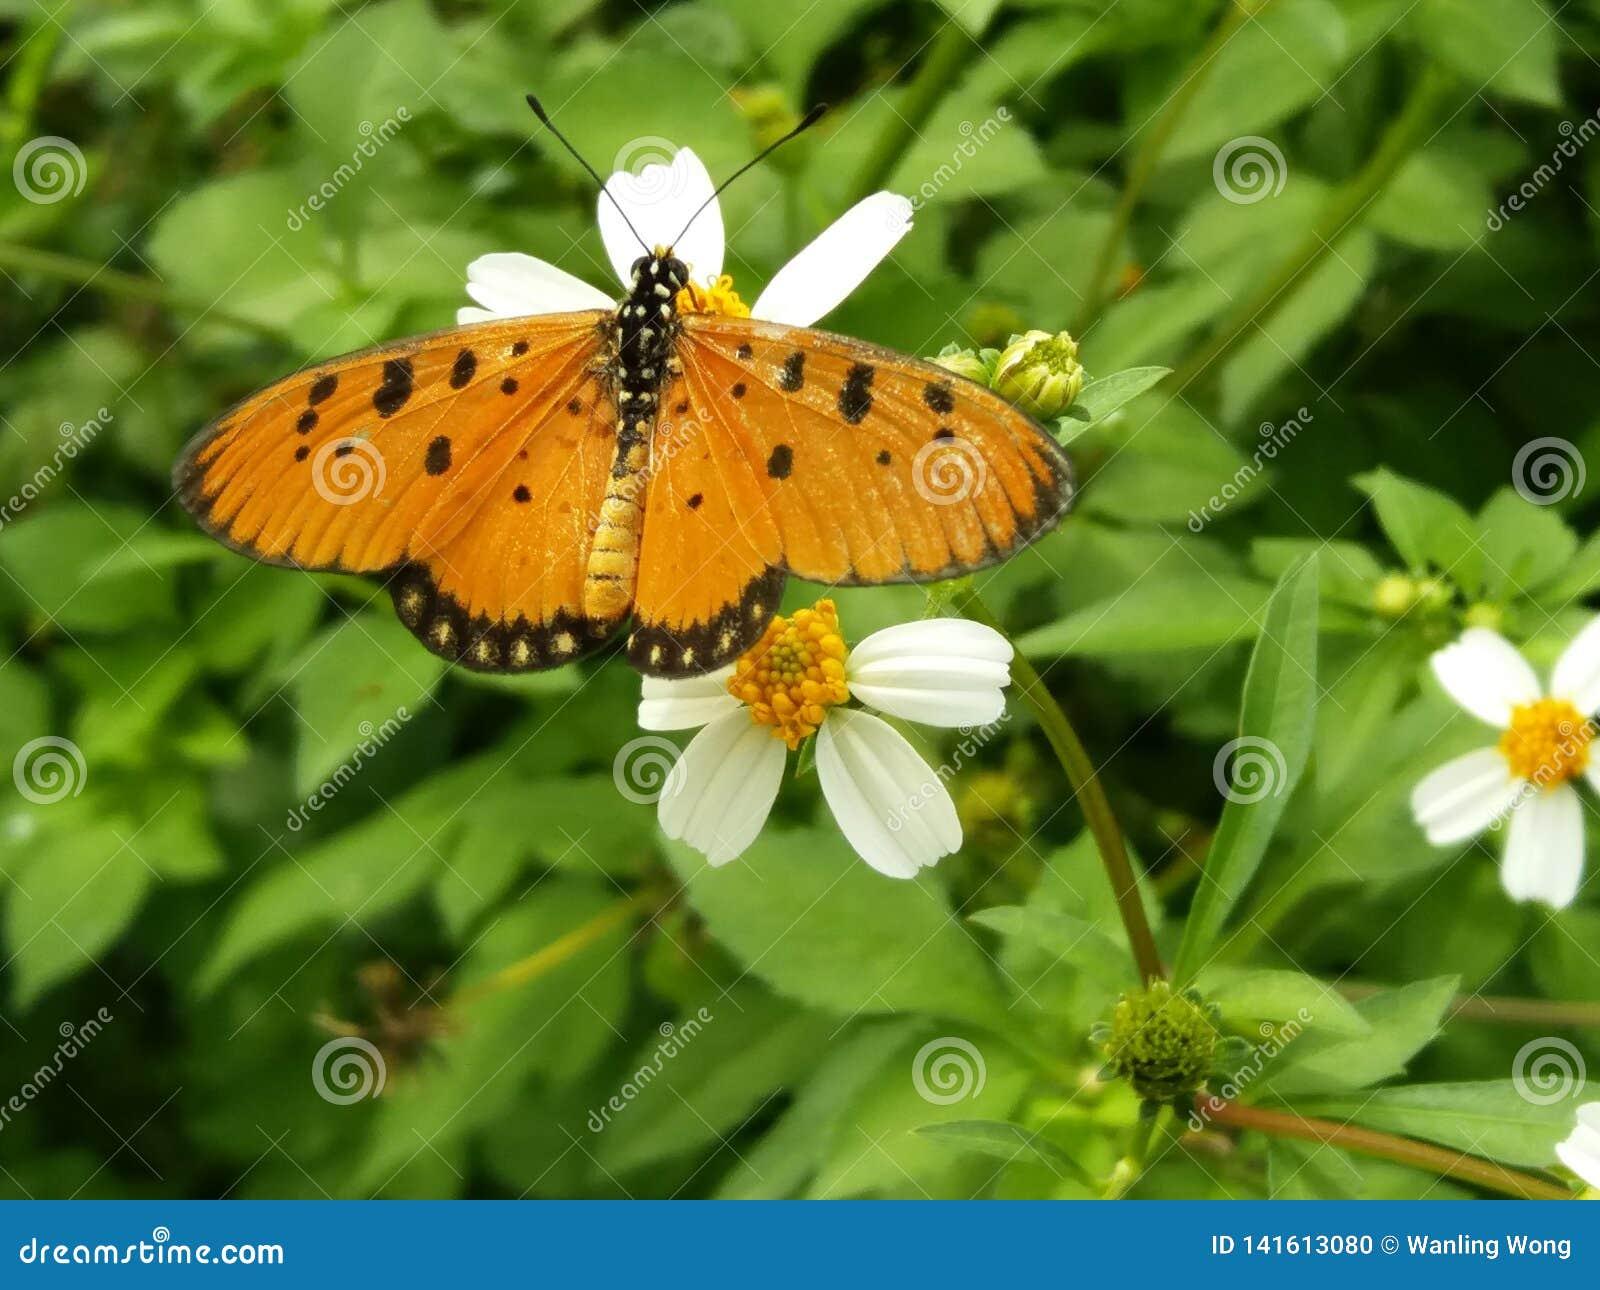 Nameless orange butterfly